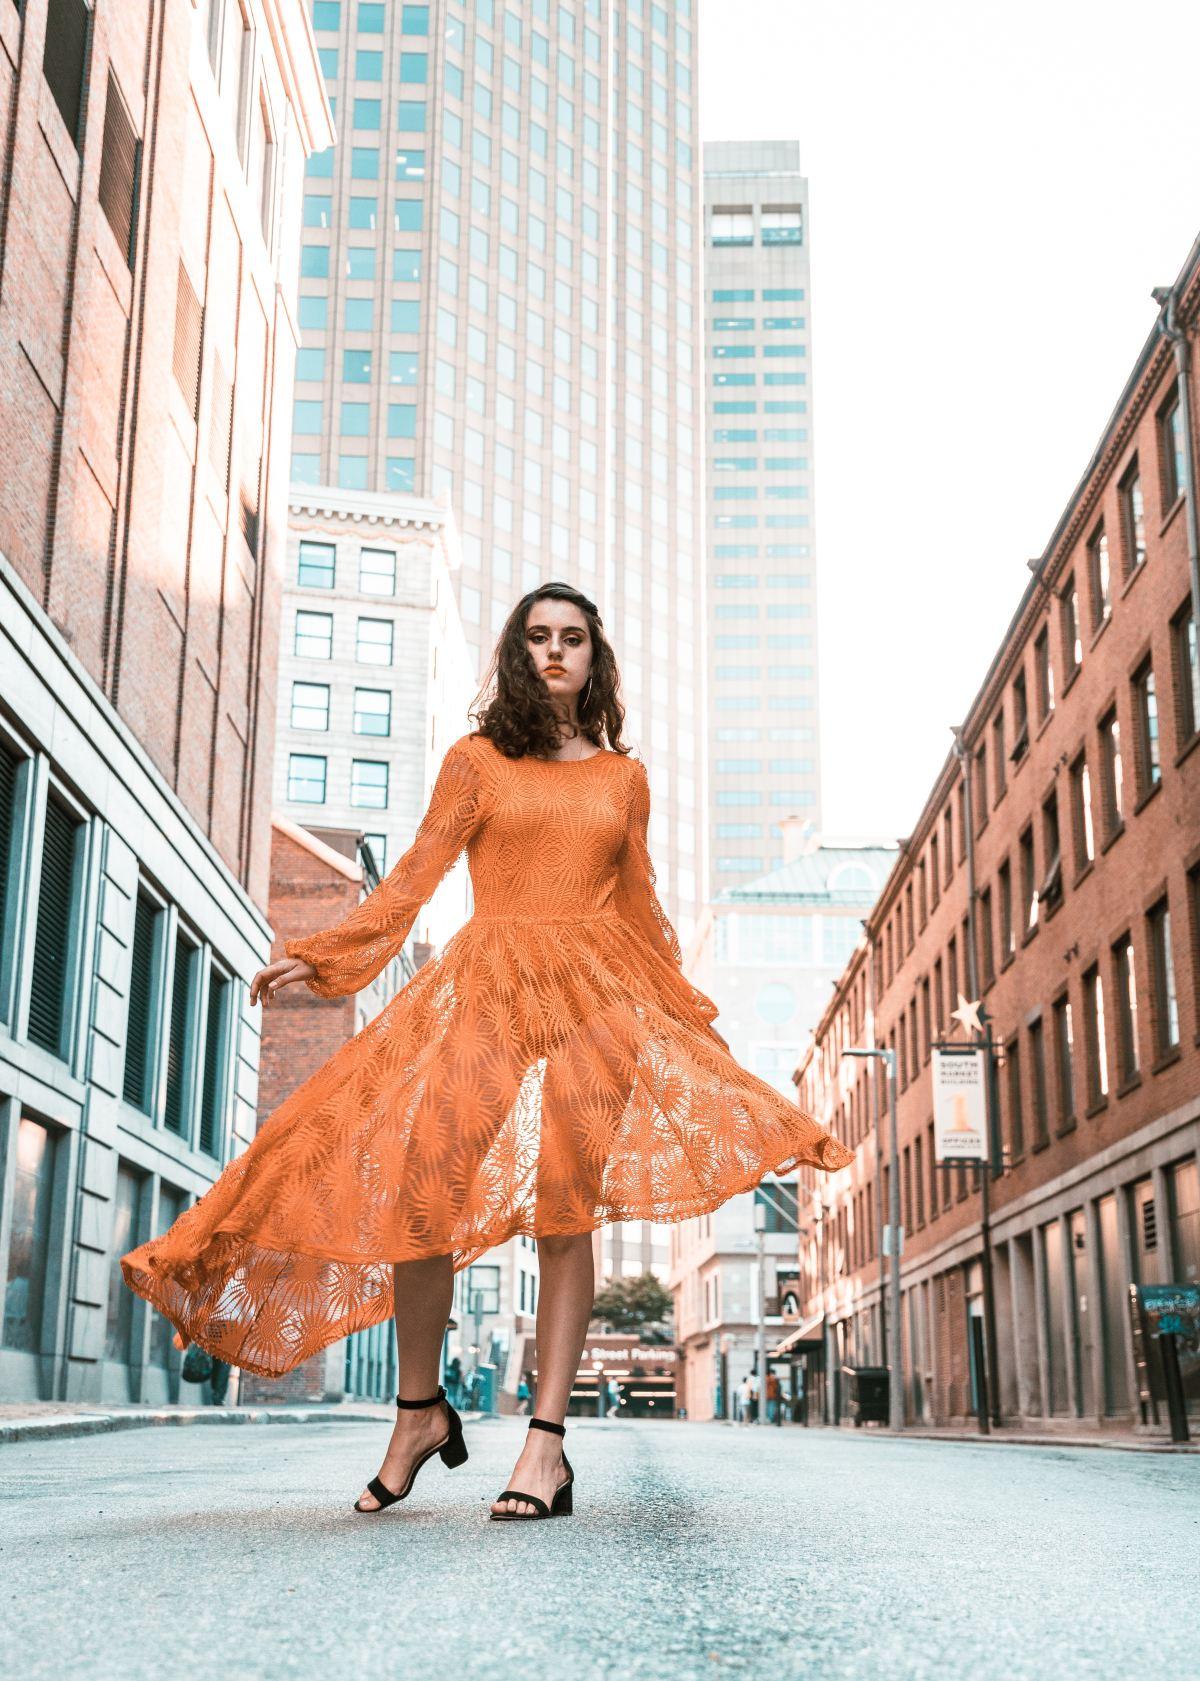 15 New York Modeling Agencies for Women